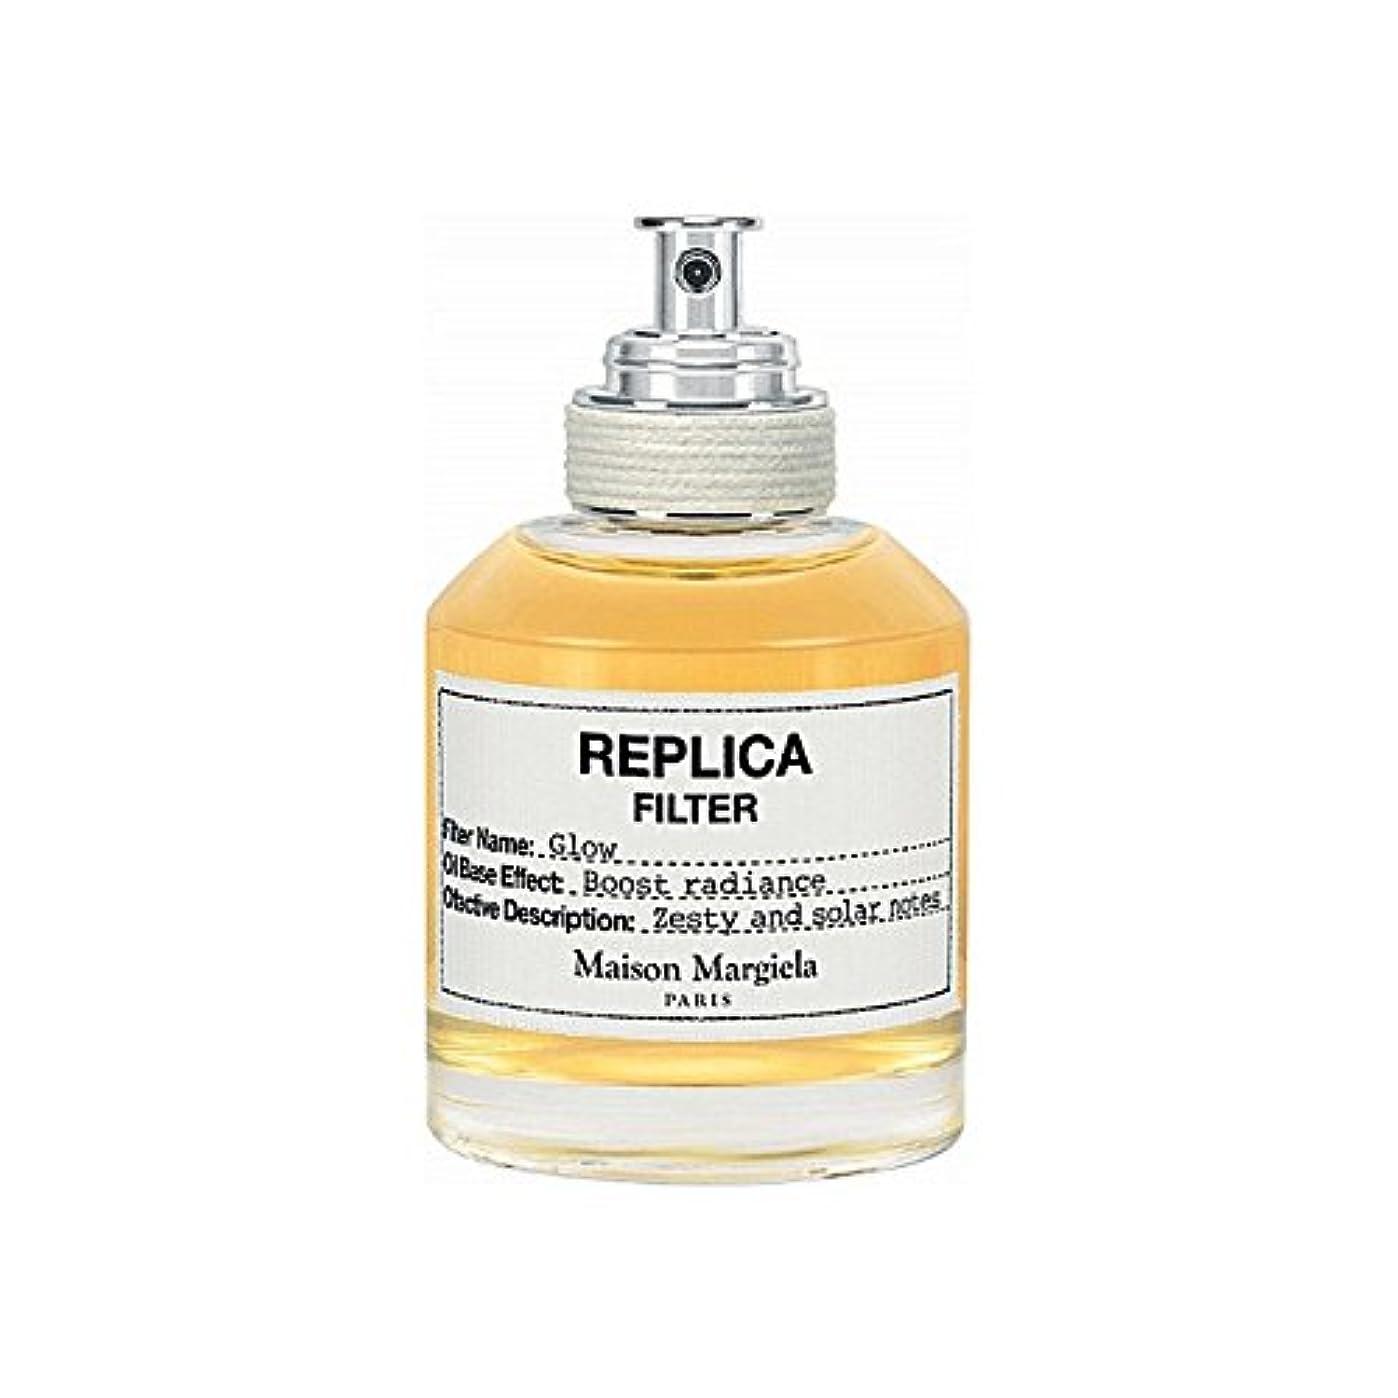 人質トロピカル手錠Maison Margiela Glow Replica Filter 50ml - メゾンマルジェラグローレプリカフィルタ50ミリリットル [並行輸入品]